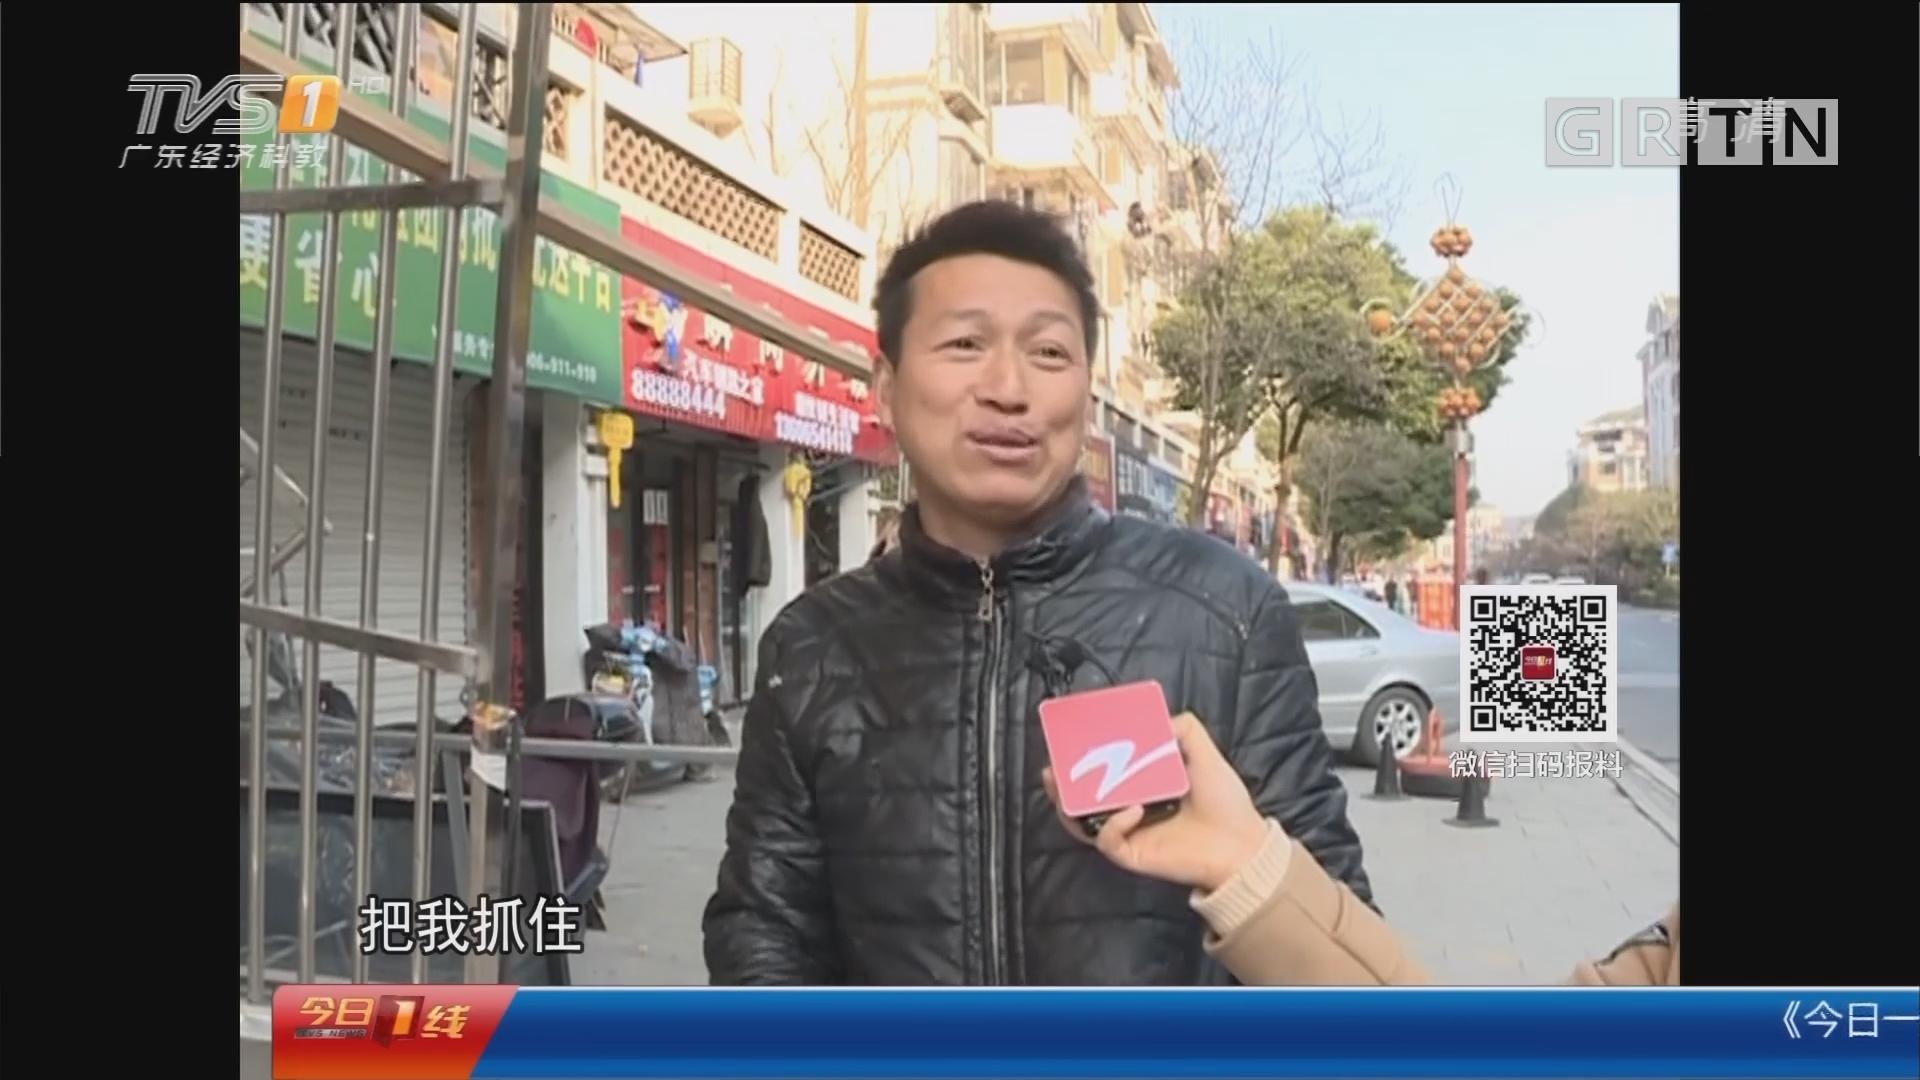 杭州:女童险从4楼跌落 他倒挂金钩救人